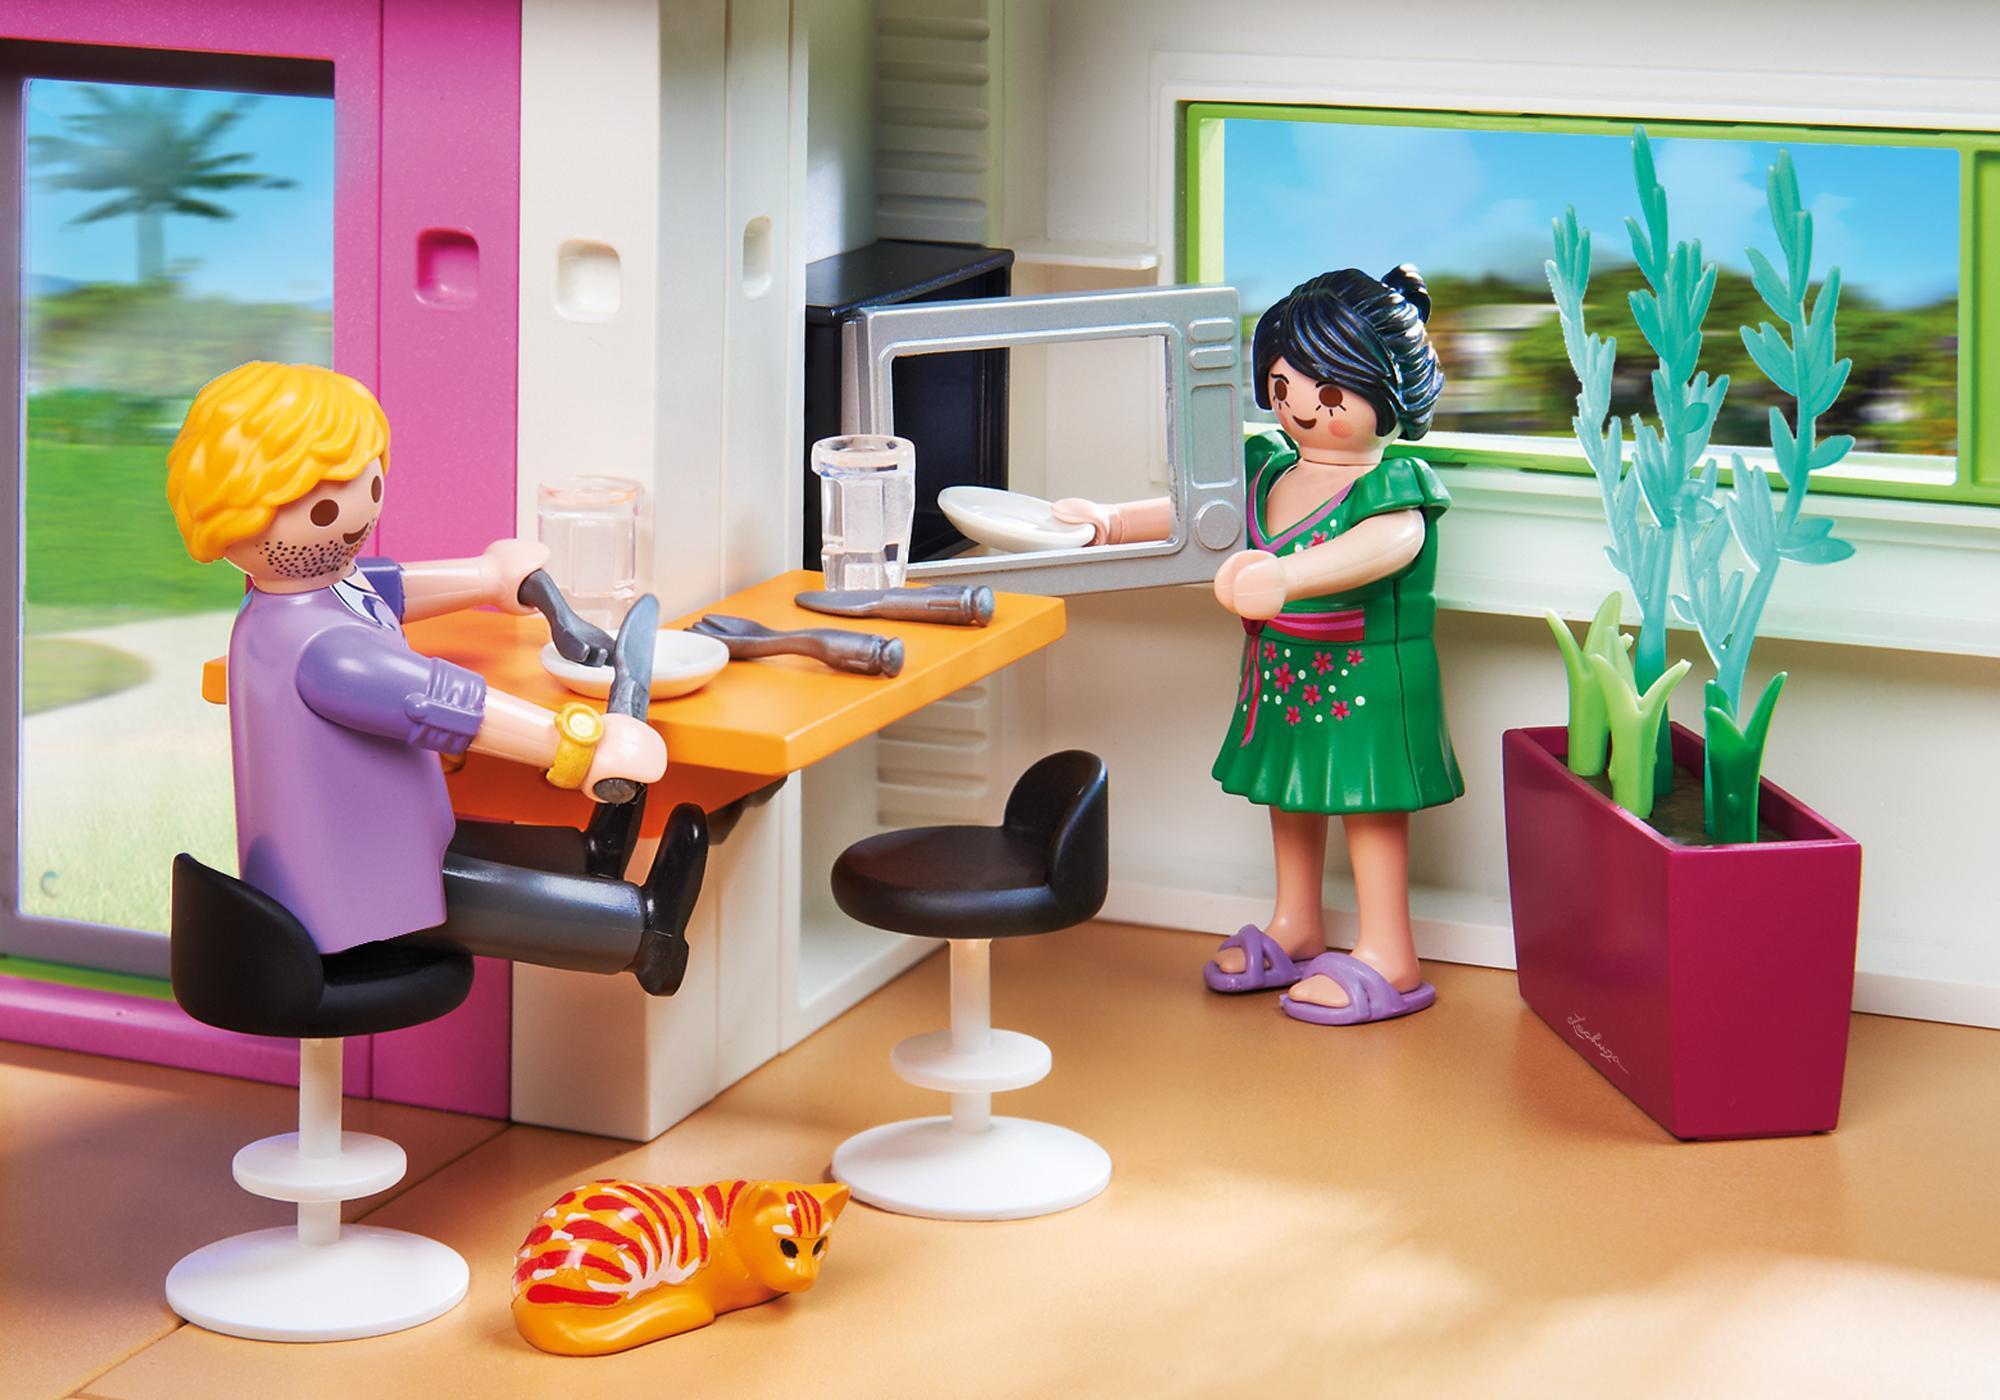 http://media.playmobil.com/i/playmobil/5586_product_extra2/Suite de Hóspedes